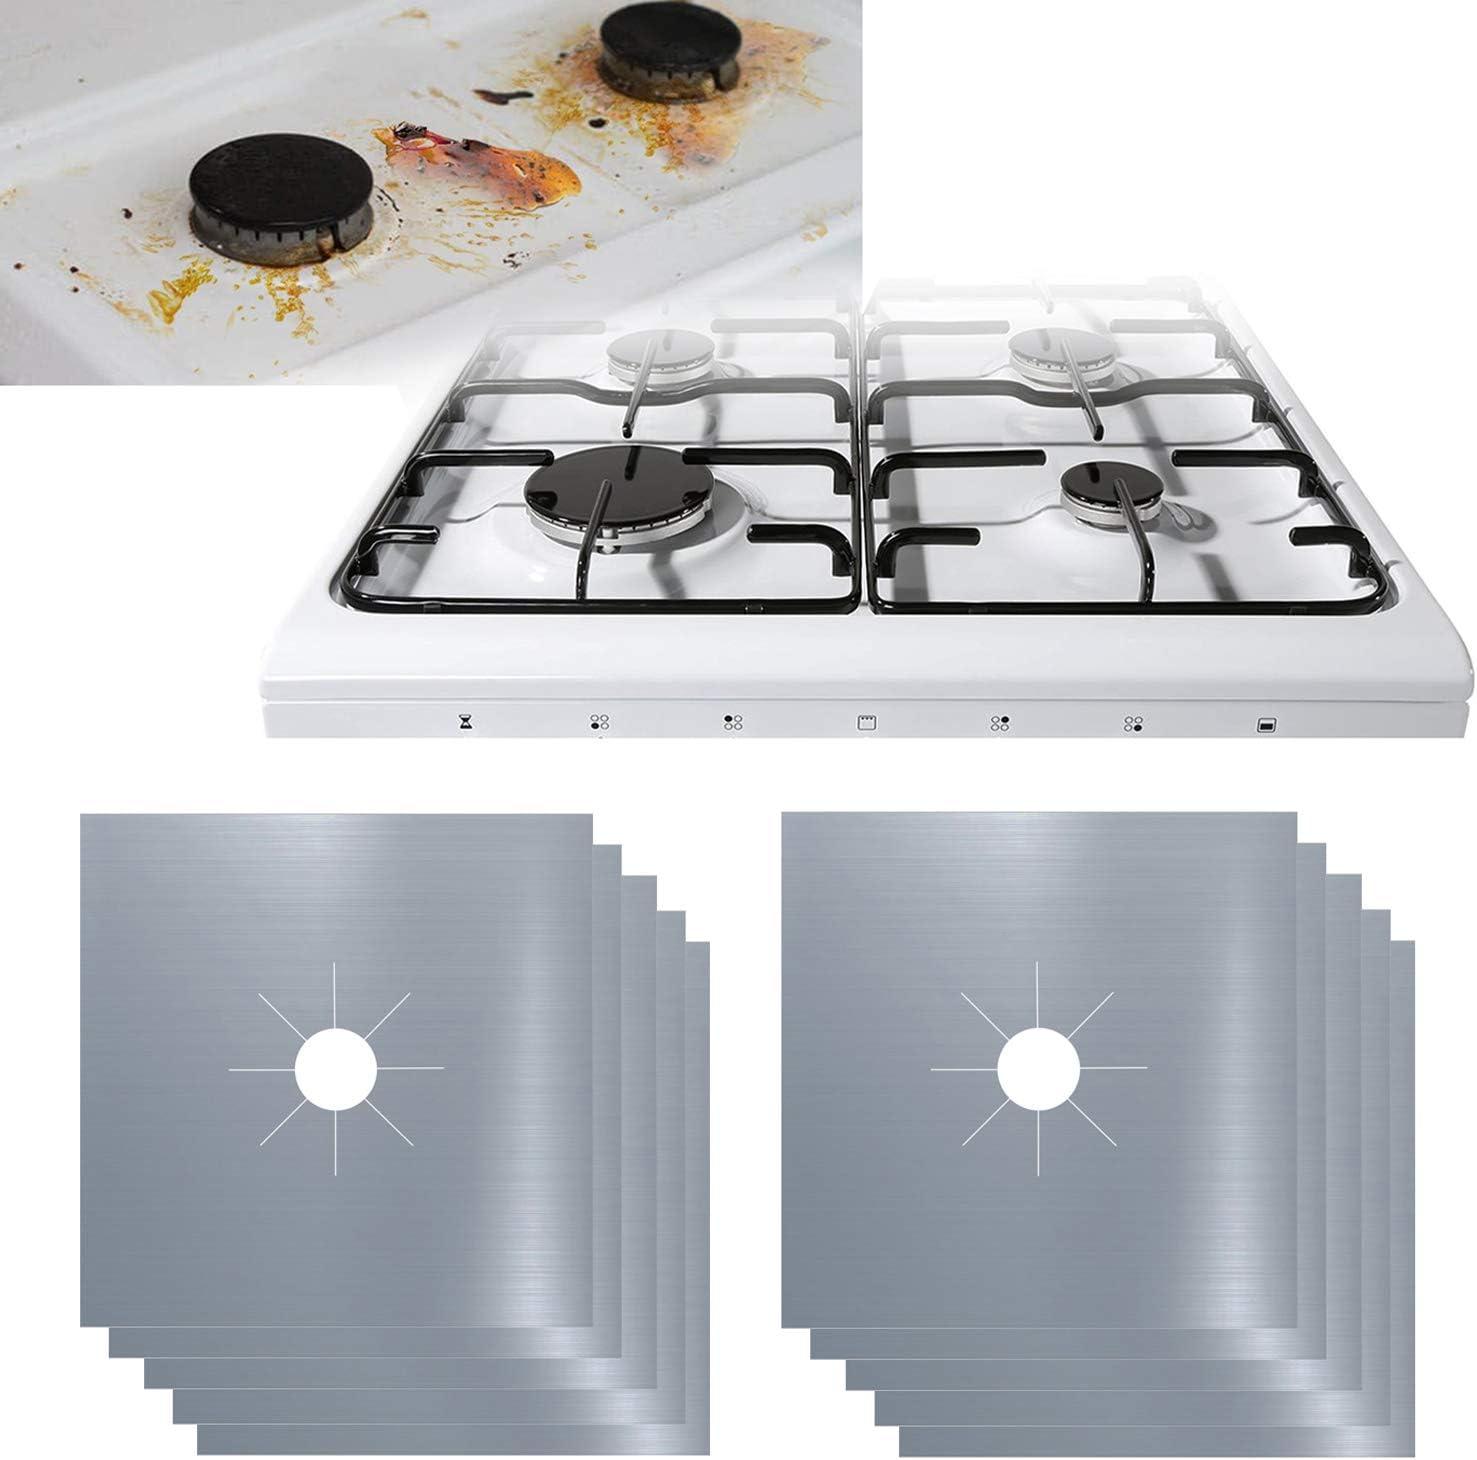 10 fundas para quemador de gas de 0,2 mm de grosor doble reutilizable para cocina – 27 x 27 cm, aprobado por la FDA, apto para lavavajillas (plateado)